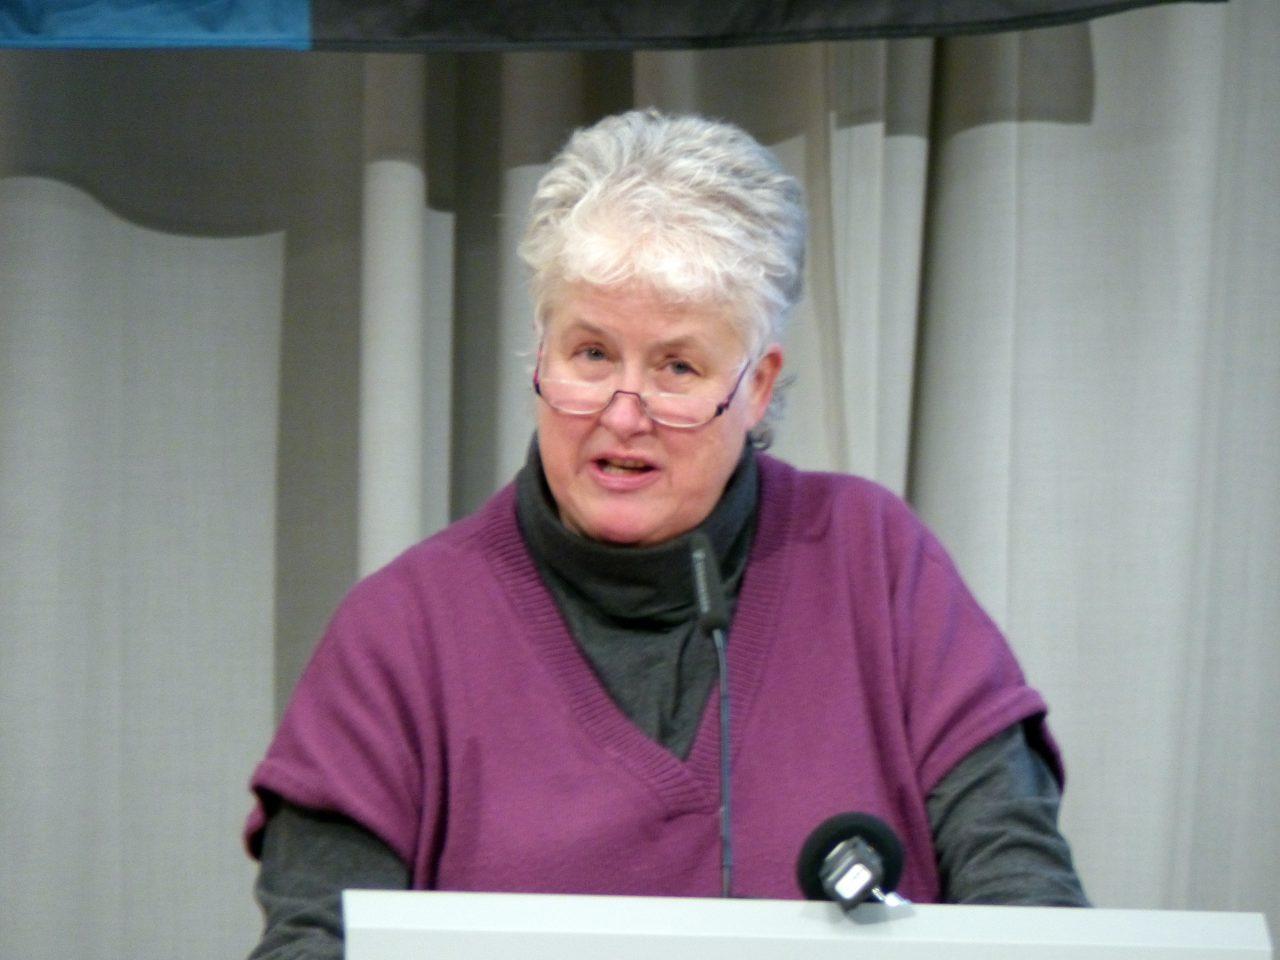 Dr. Susan Breßlein überzog die Sprechzeit deutlich. Vieleicht schaffte die Geschäftsführerin der Winterberg-Klinken deshalb nicht den Sprung in den AR.